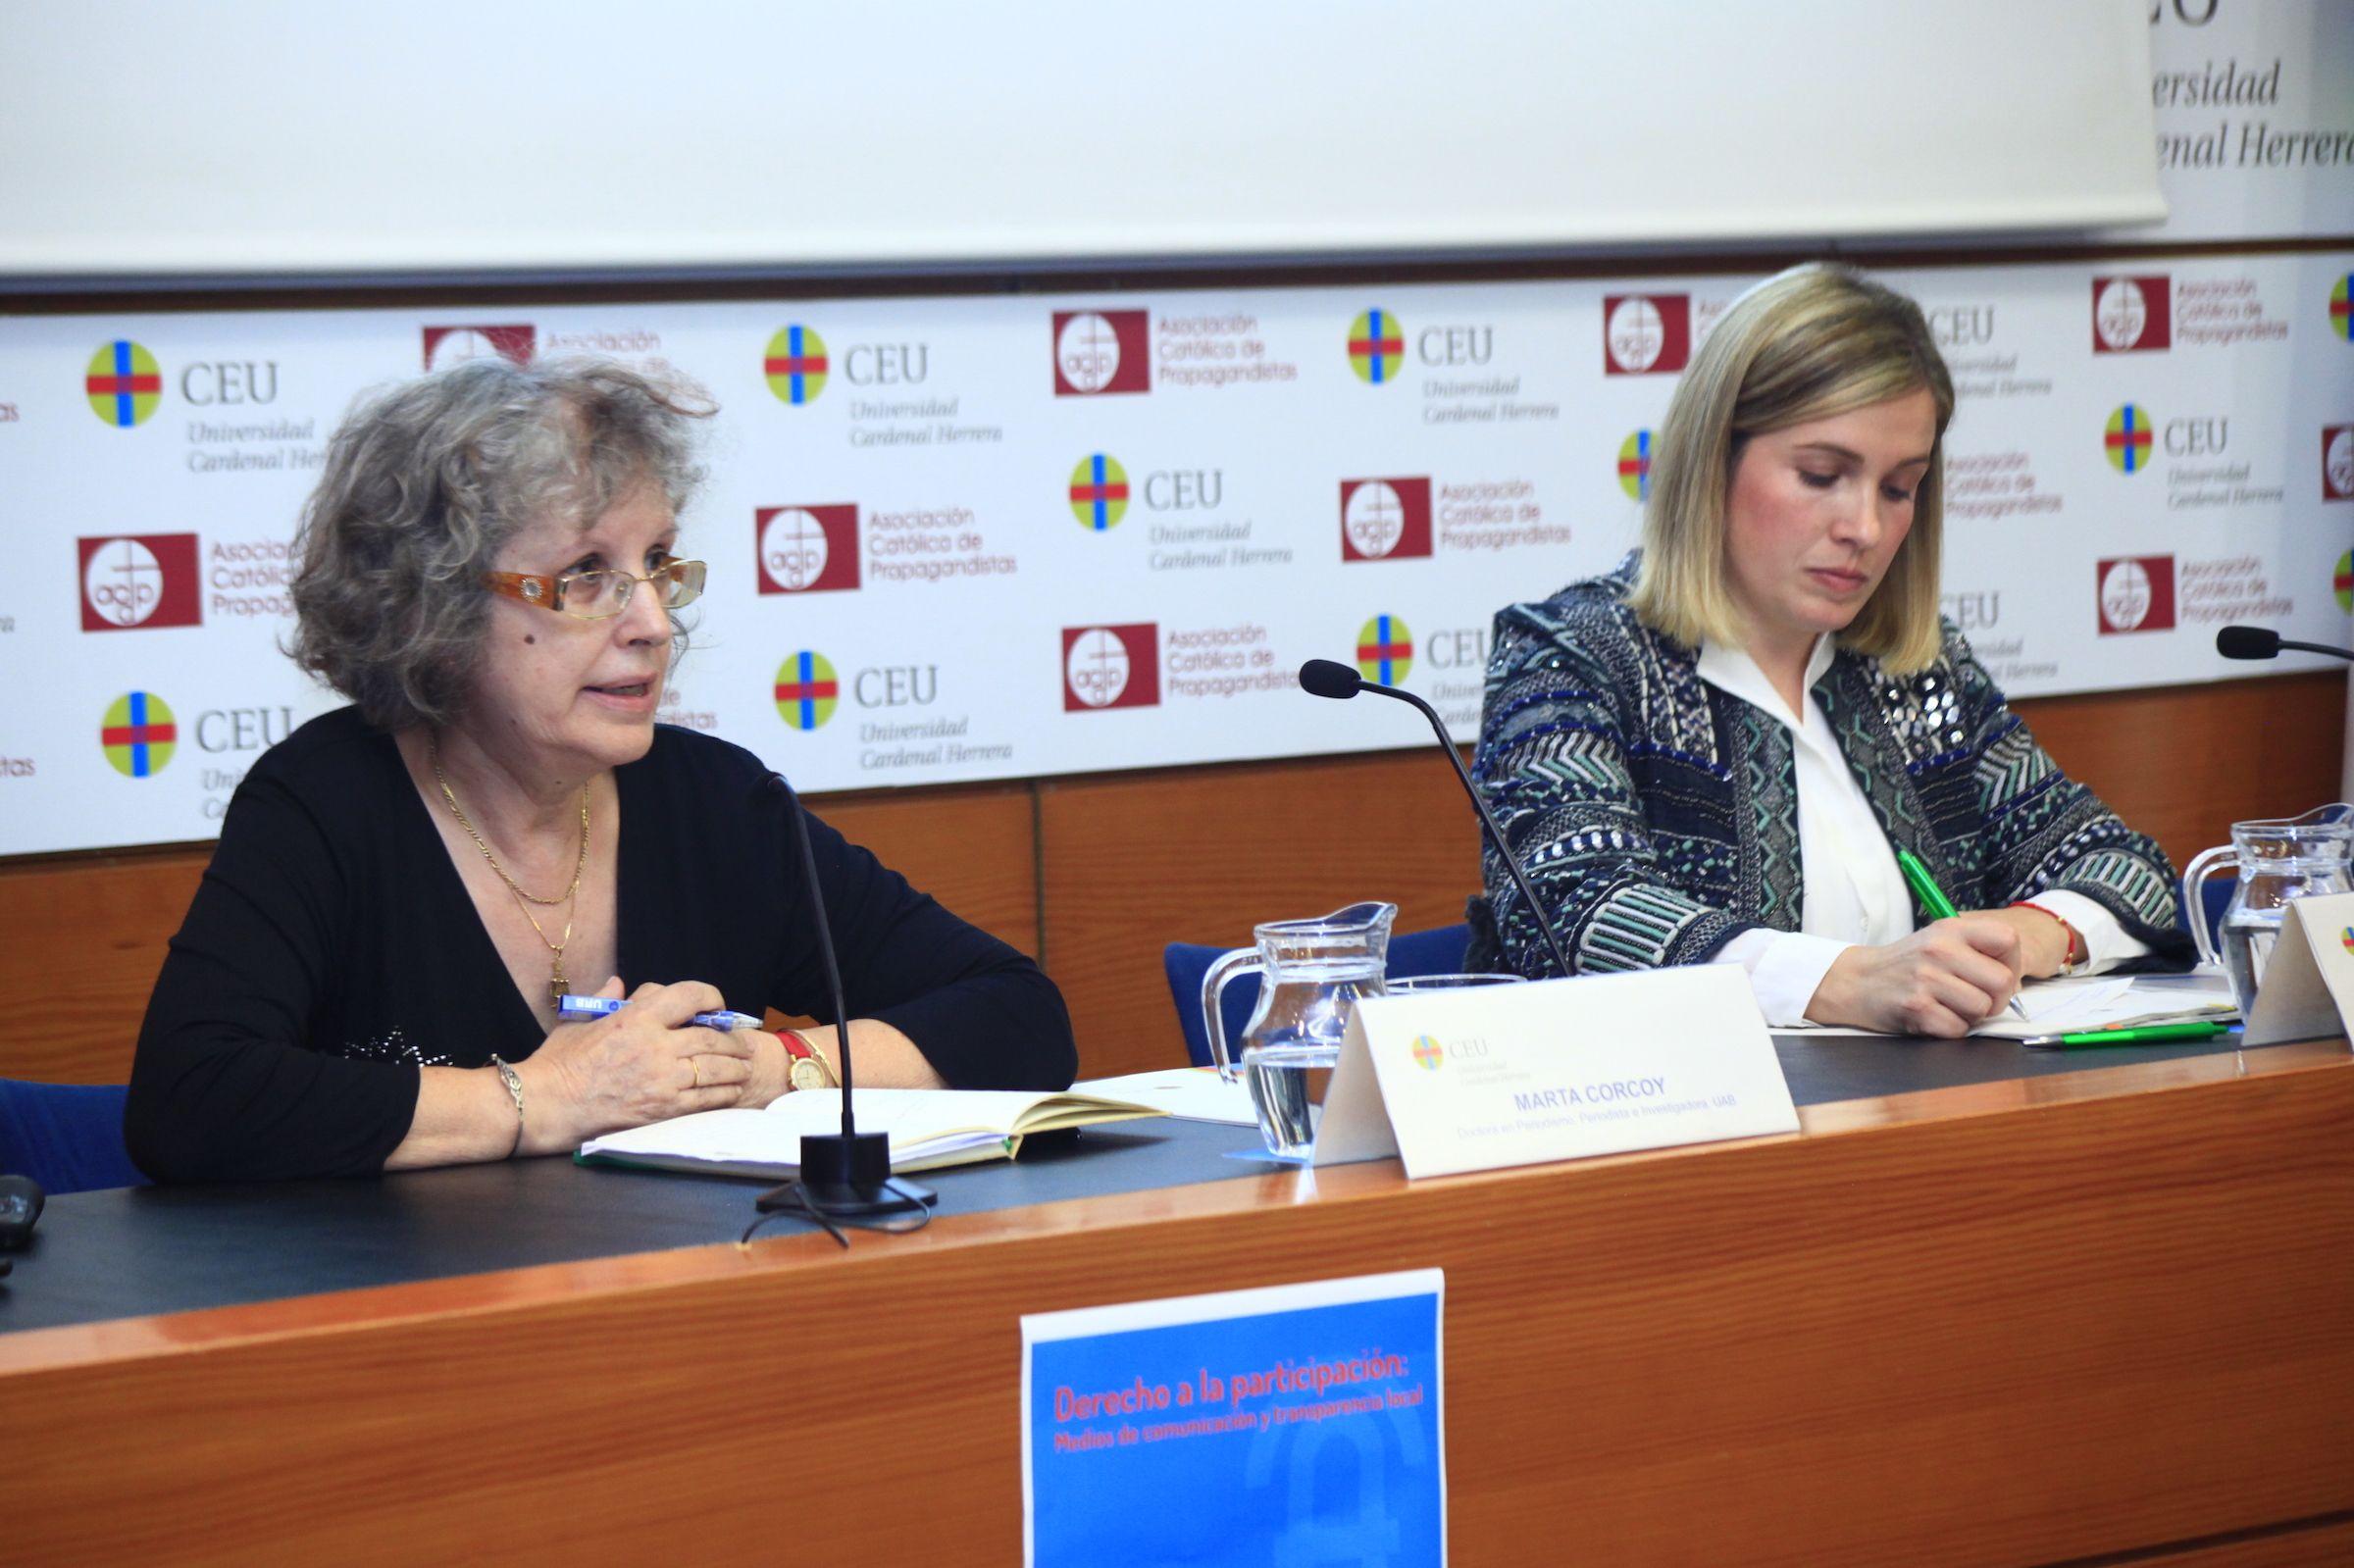 Marta Corcoy, periodista e investigadora de la Universidad Autónoma de Barcelona, en el acto de presentación del Observatorio.